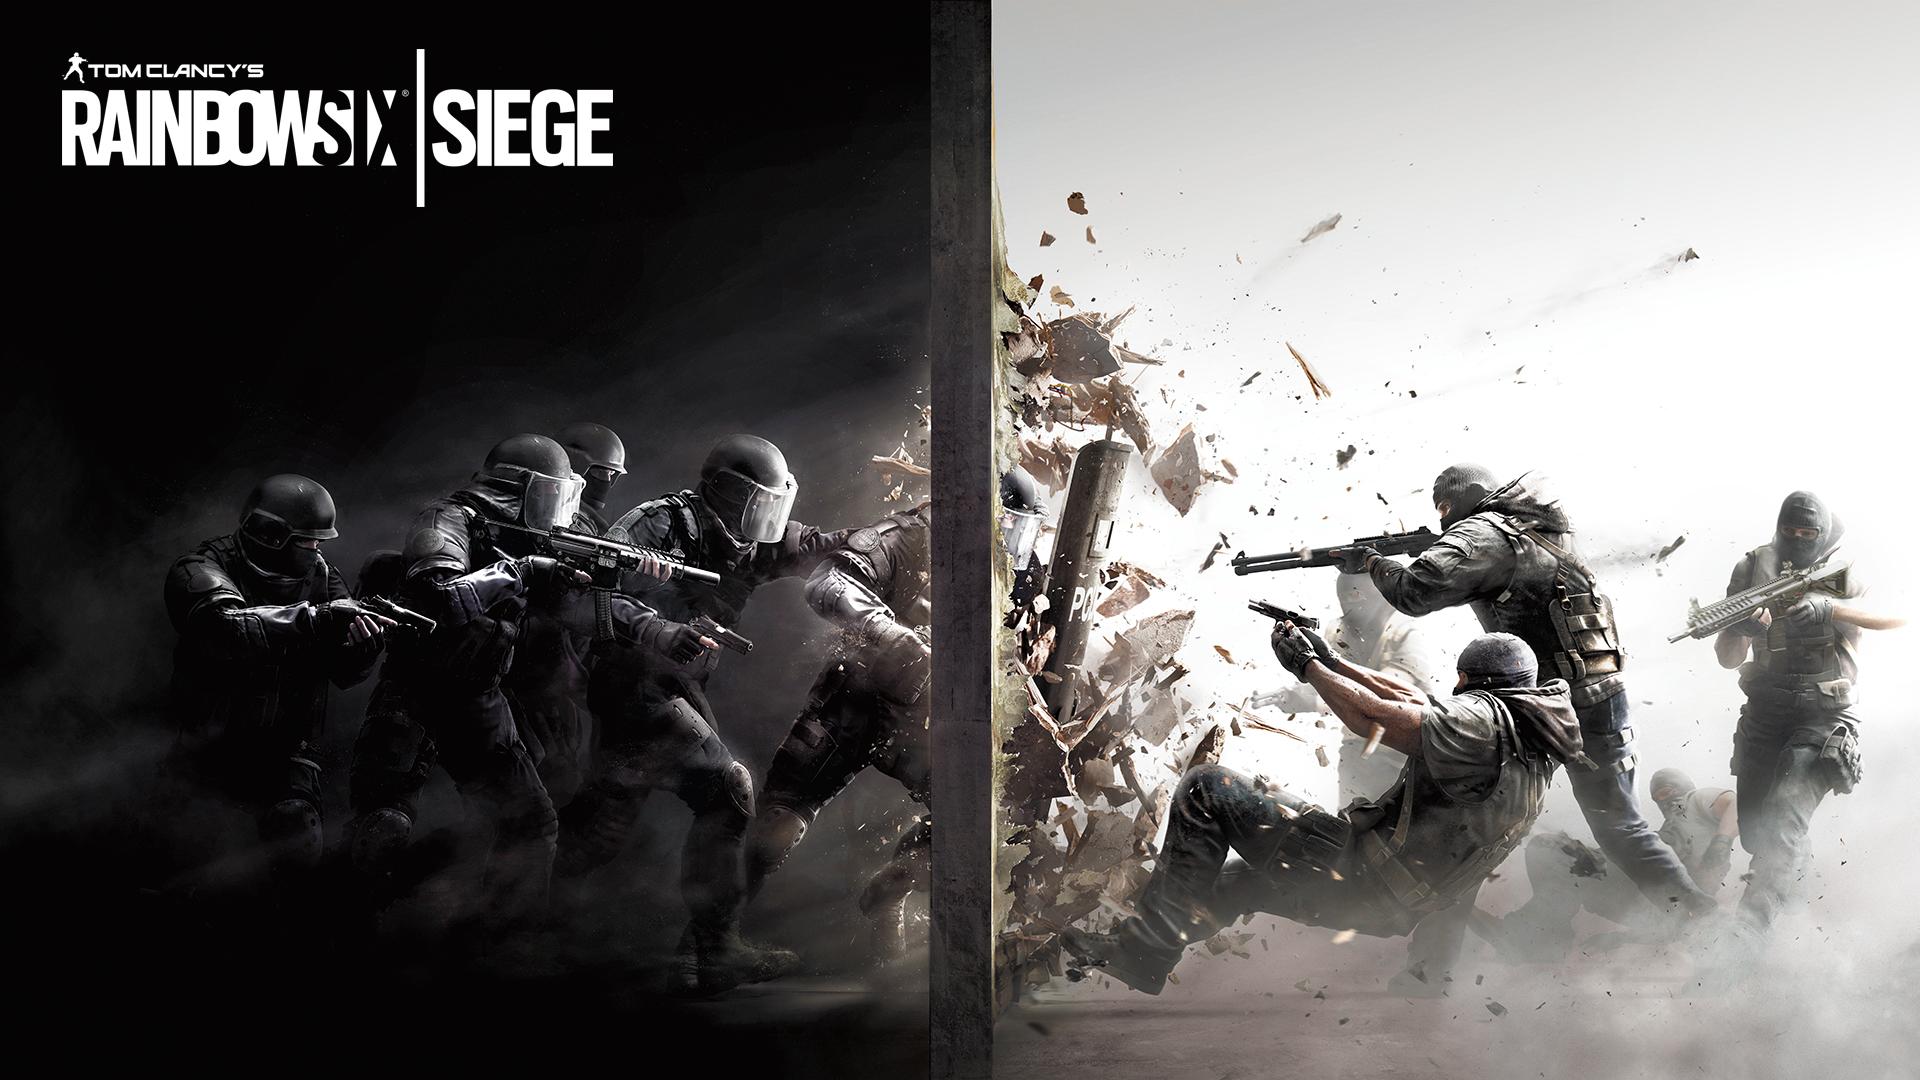 Ubisoft เปิดให้เล่น Rainbow Six Siege ฟรีทุกเเพลตฟอร์ม 15-20 ก.พ.นี้